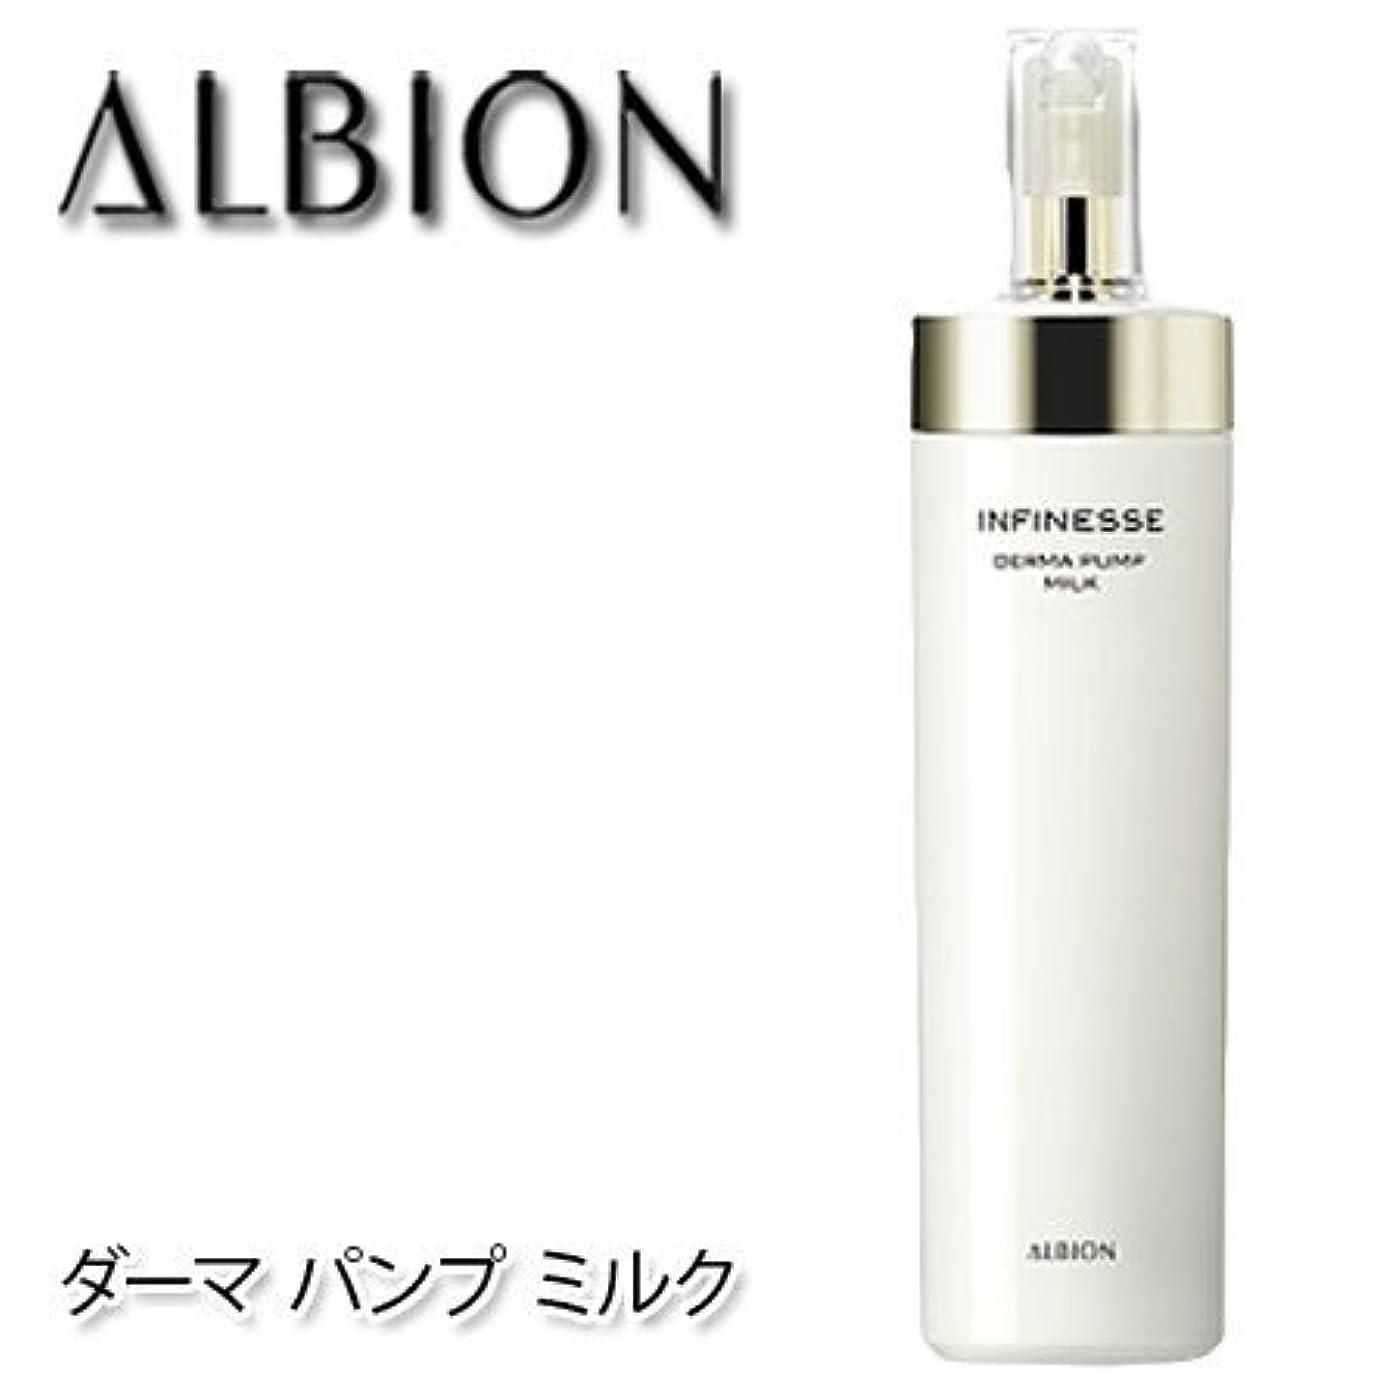 下にイソギンチャク思い出させるアルビオン アンフィネス ダーマ パンプ ミルク 200g-ALBION-